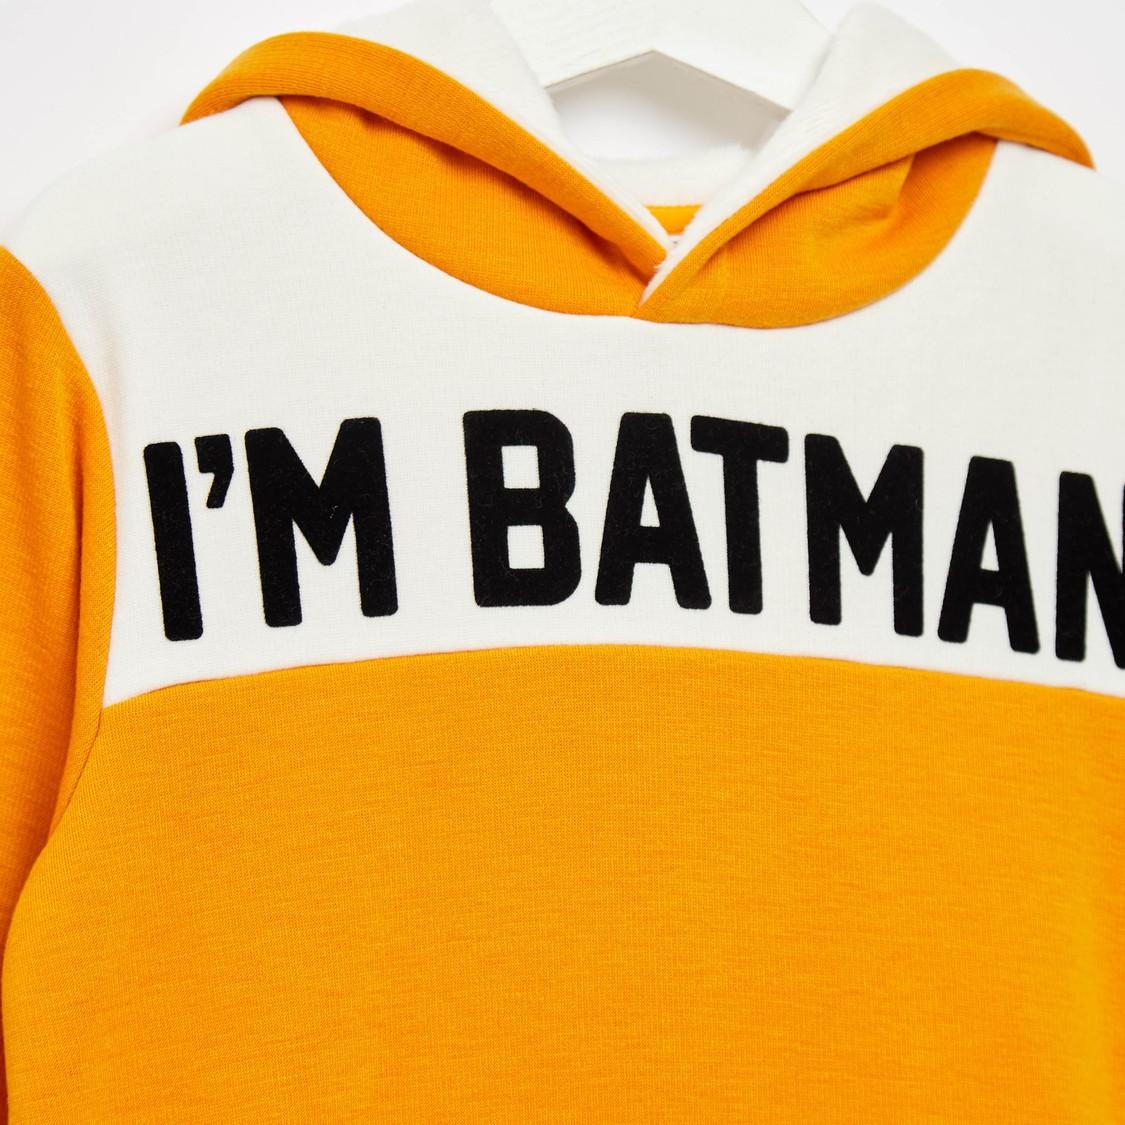 هودي بأكمام طويلة وجيوب كنغر وطبعات باتمان